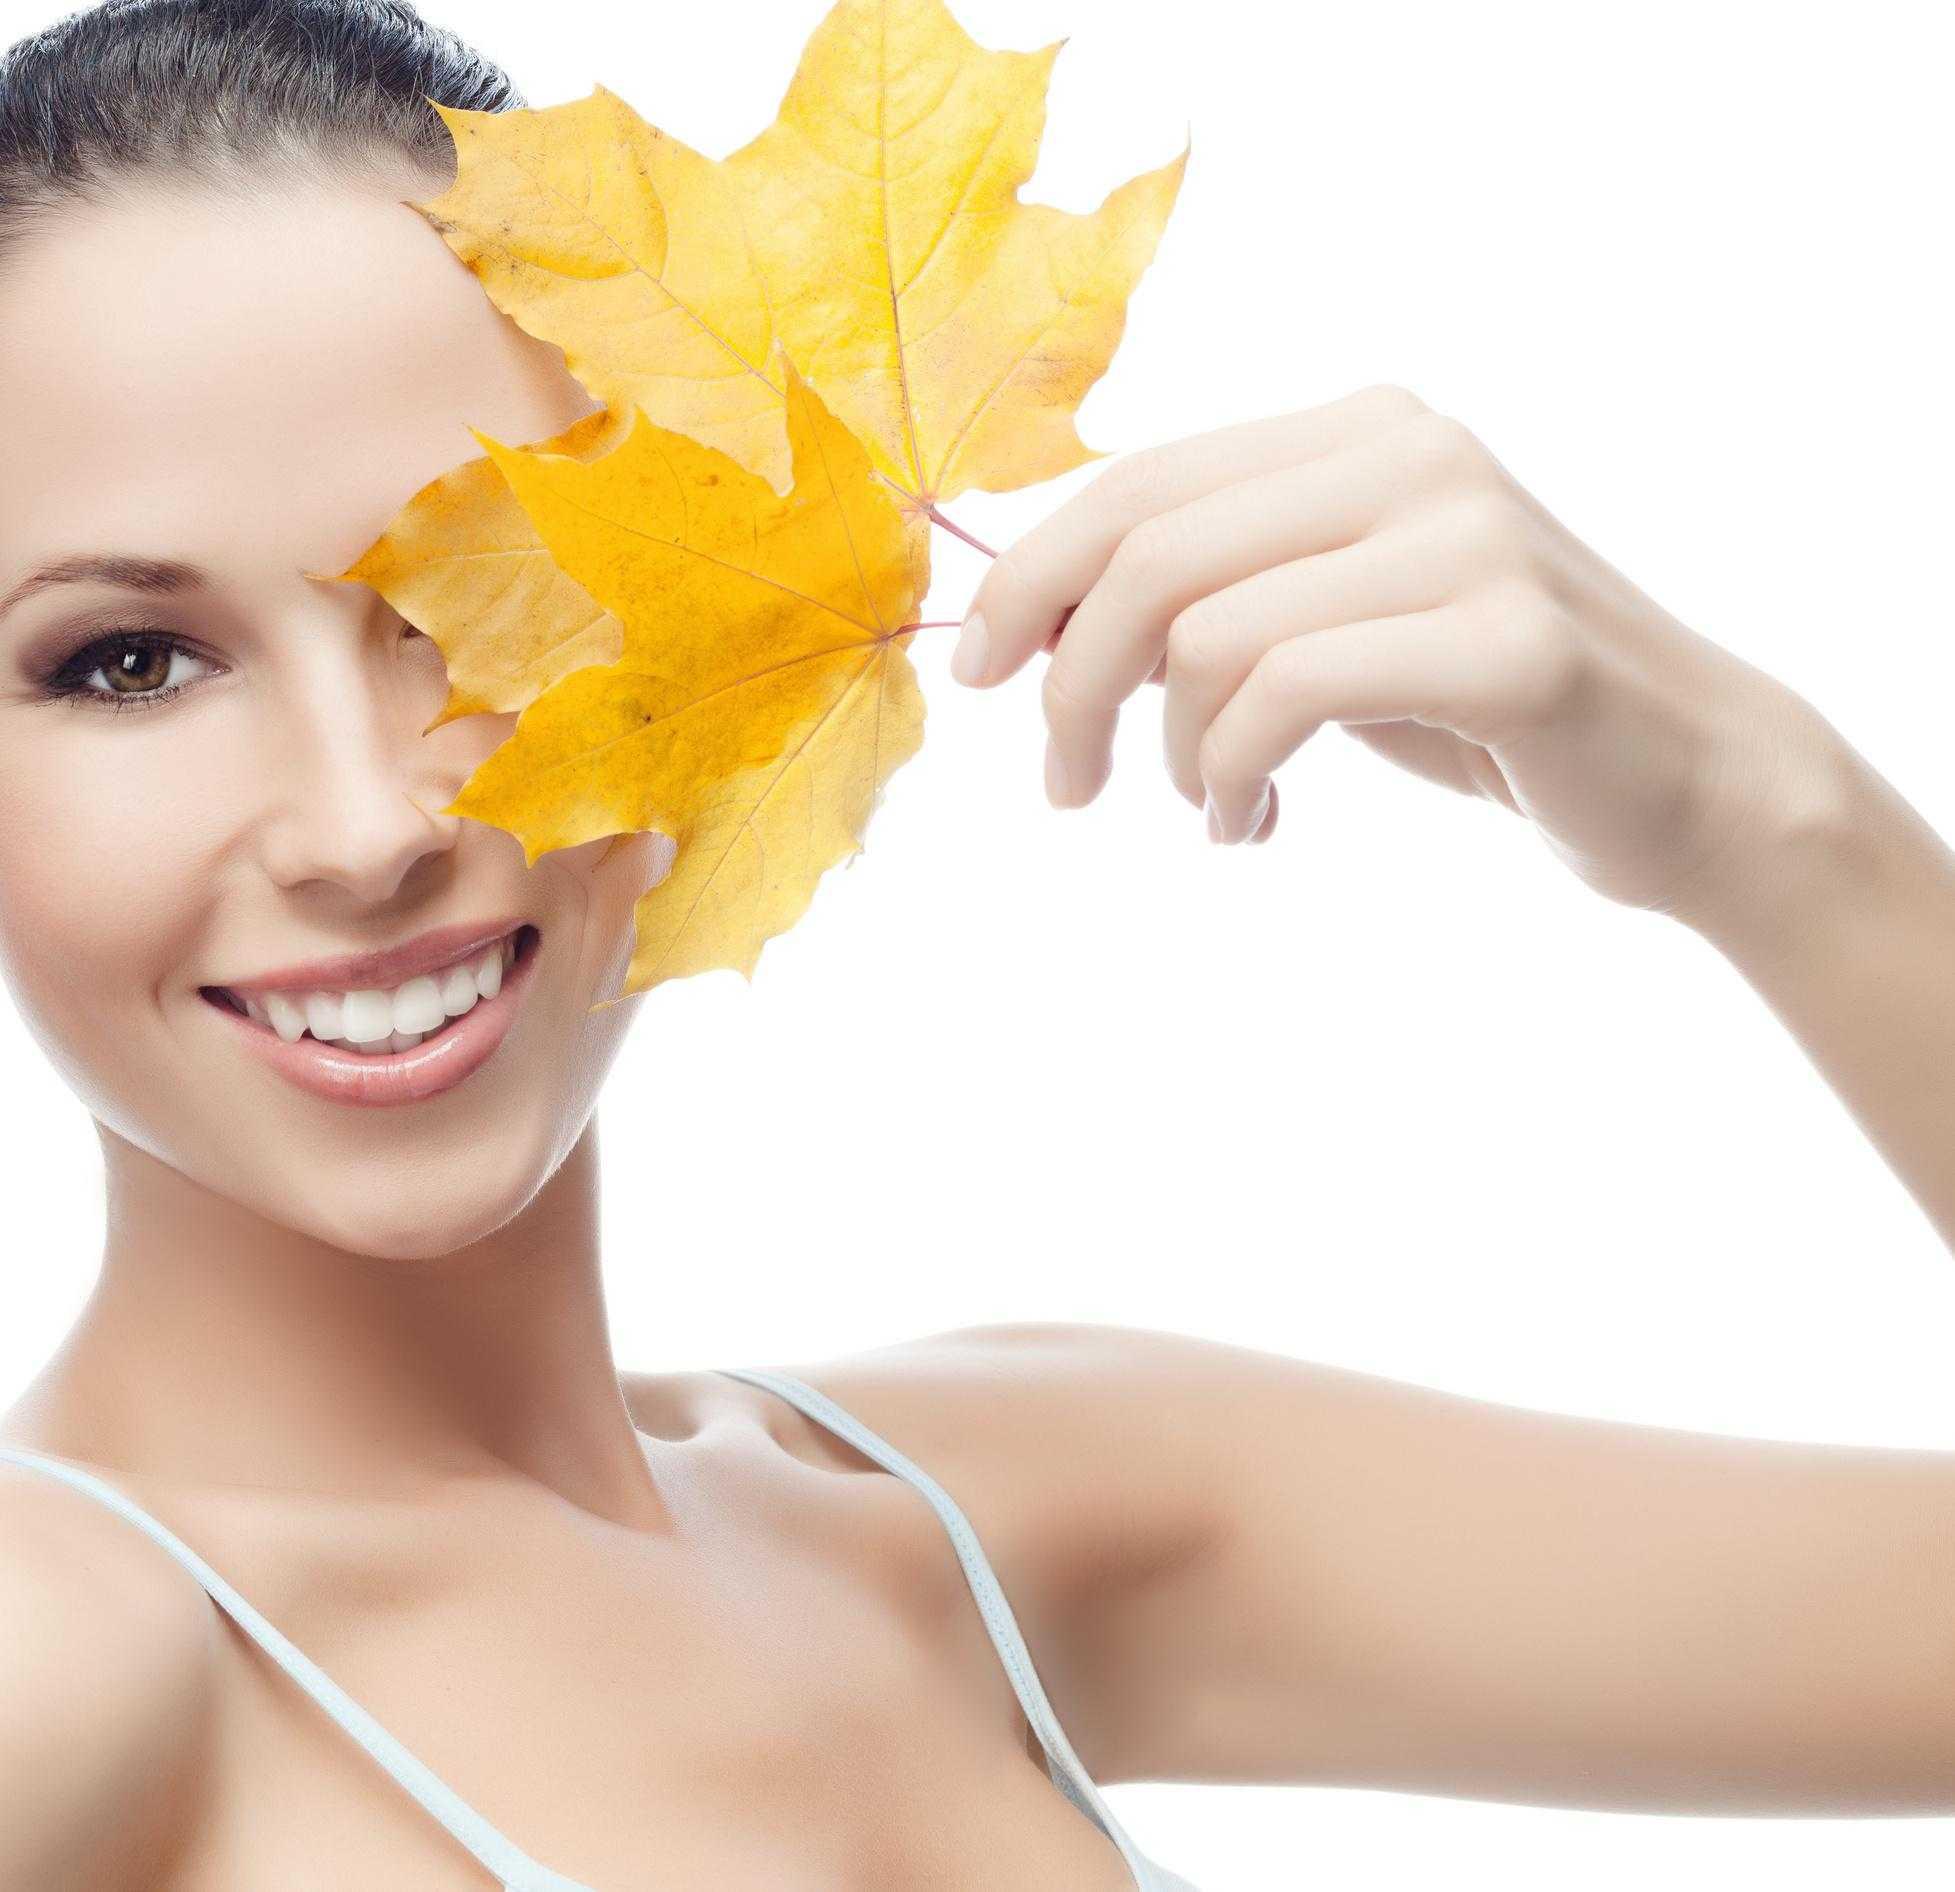 Уход за кожей лица осенью: особенности и обзор 5 косметических средств